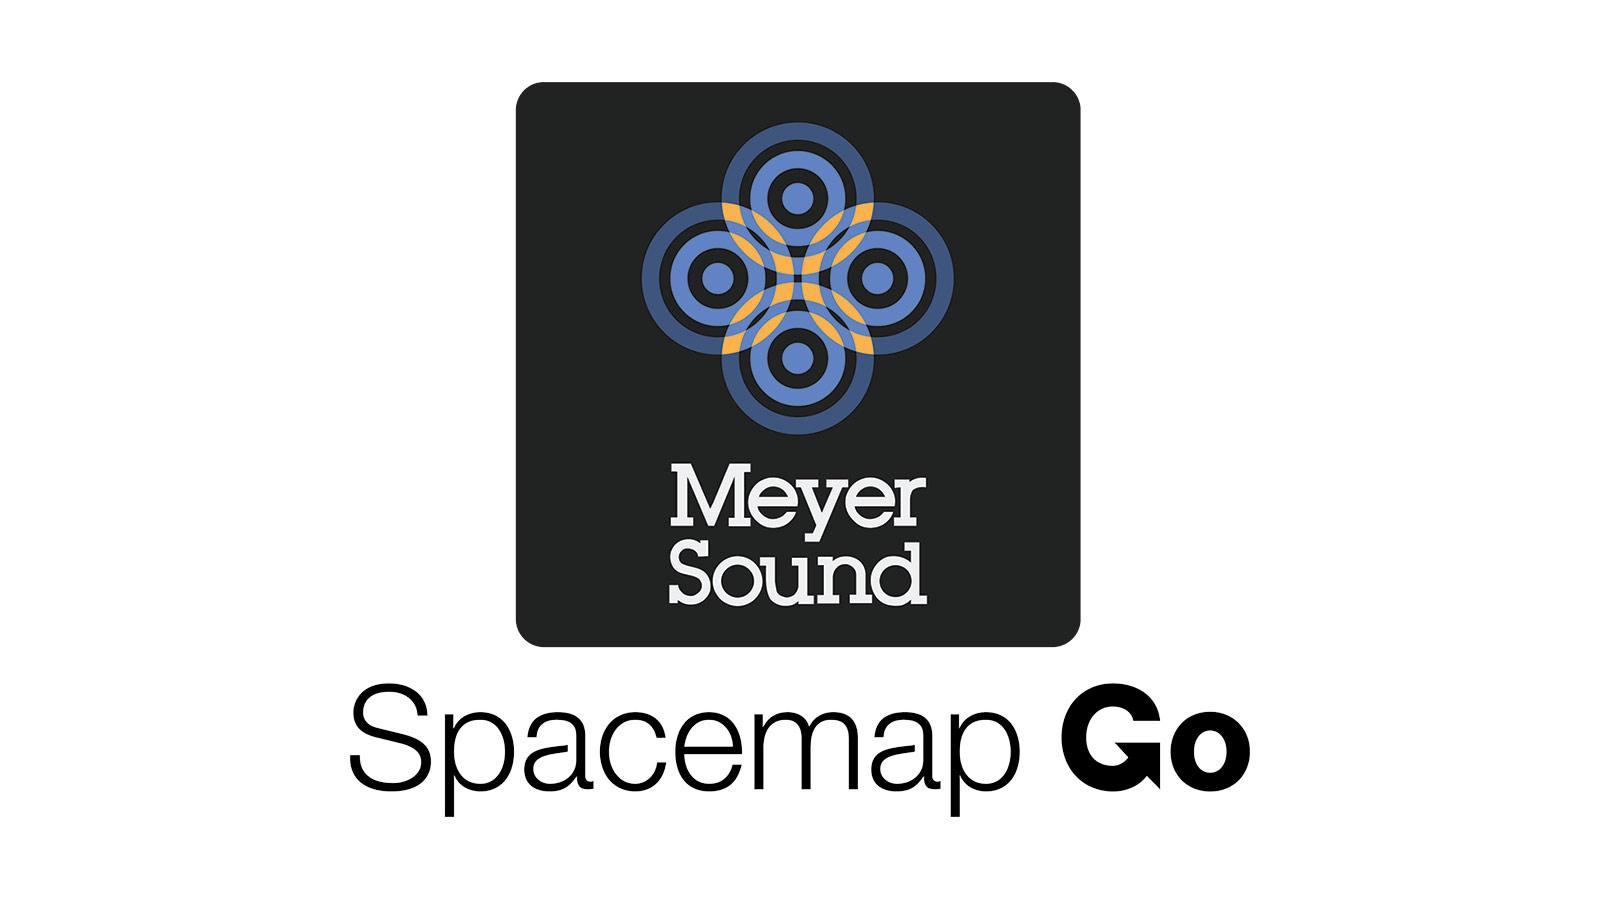 Meyer Sound выпускает Spacemap Go, прорывной инструмент создания систем пространственного звучания